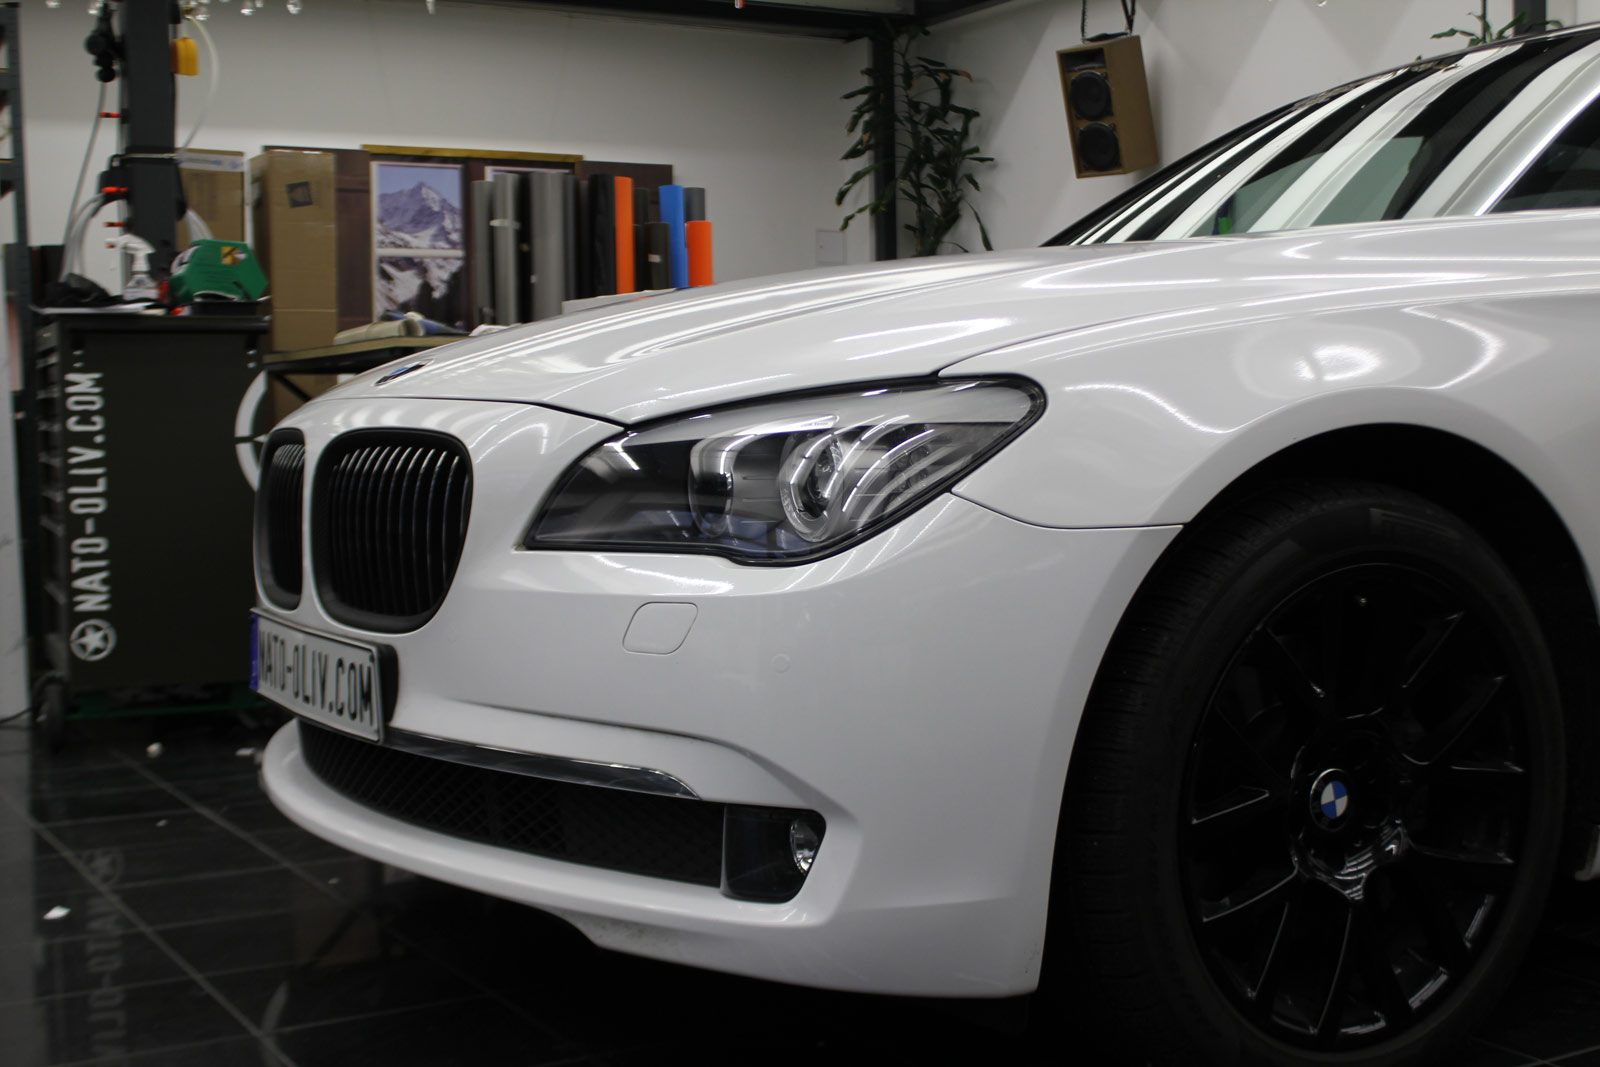 BMW_7er_Folierung_Weiss_Metallic_Schwarz_Glanz_39